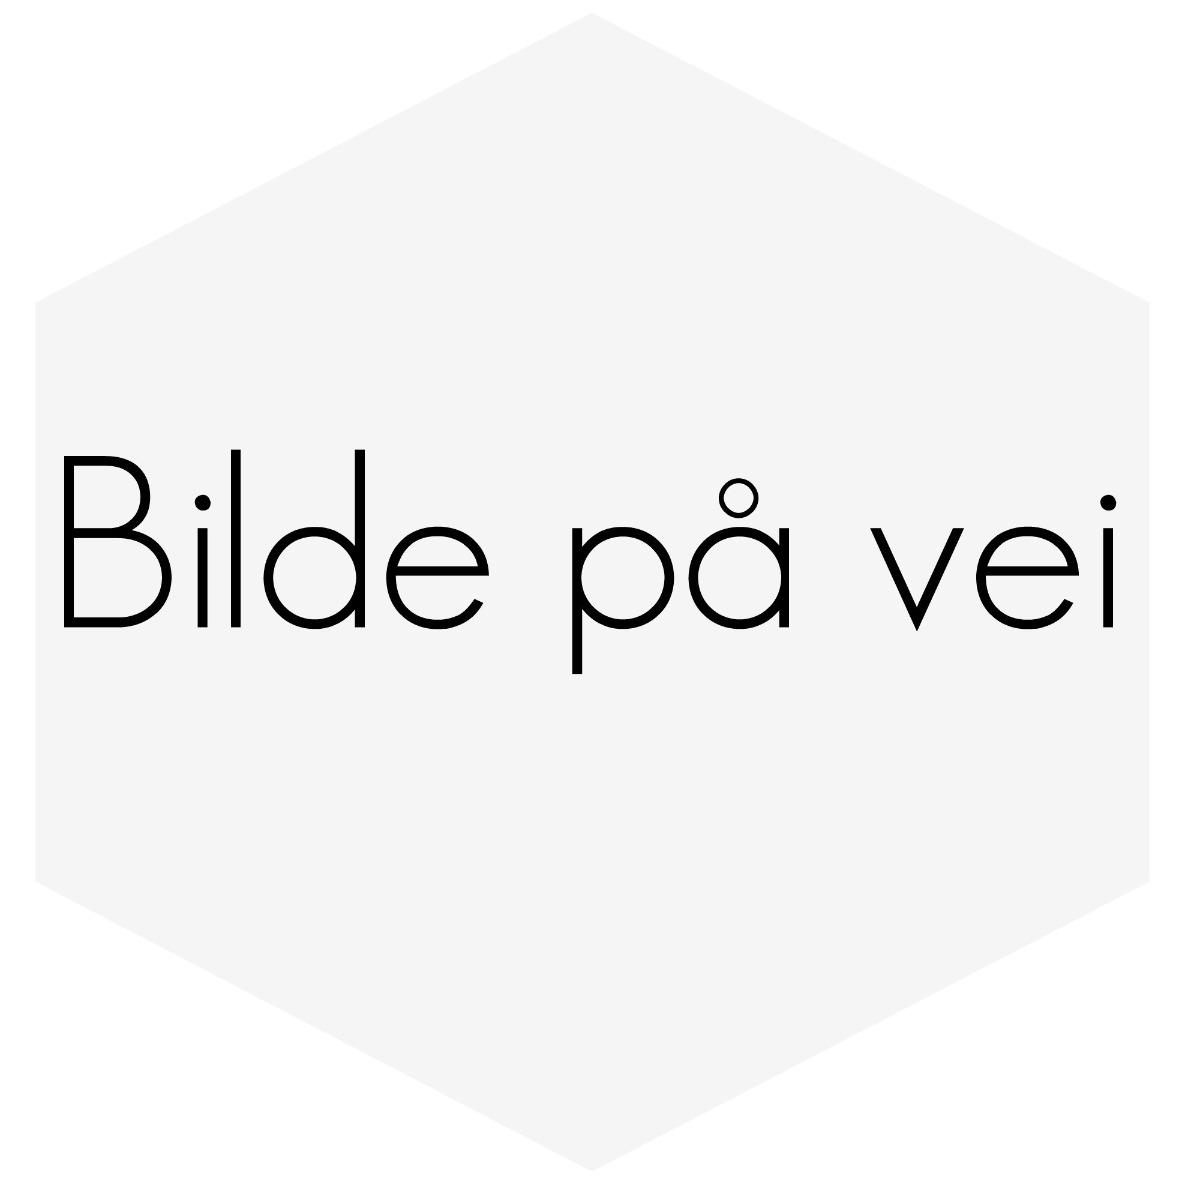 Relle til hovedlys for Volvo 850,S,C,V70 960-95> Merket:104-108 3523200